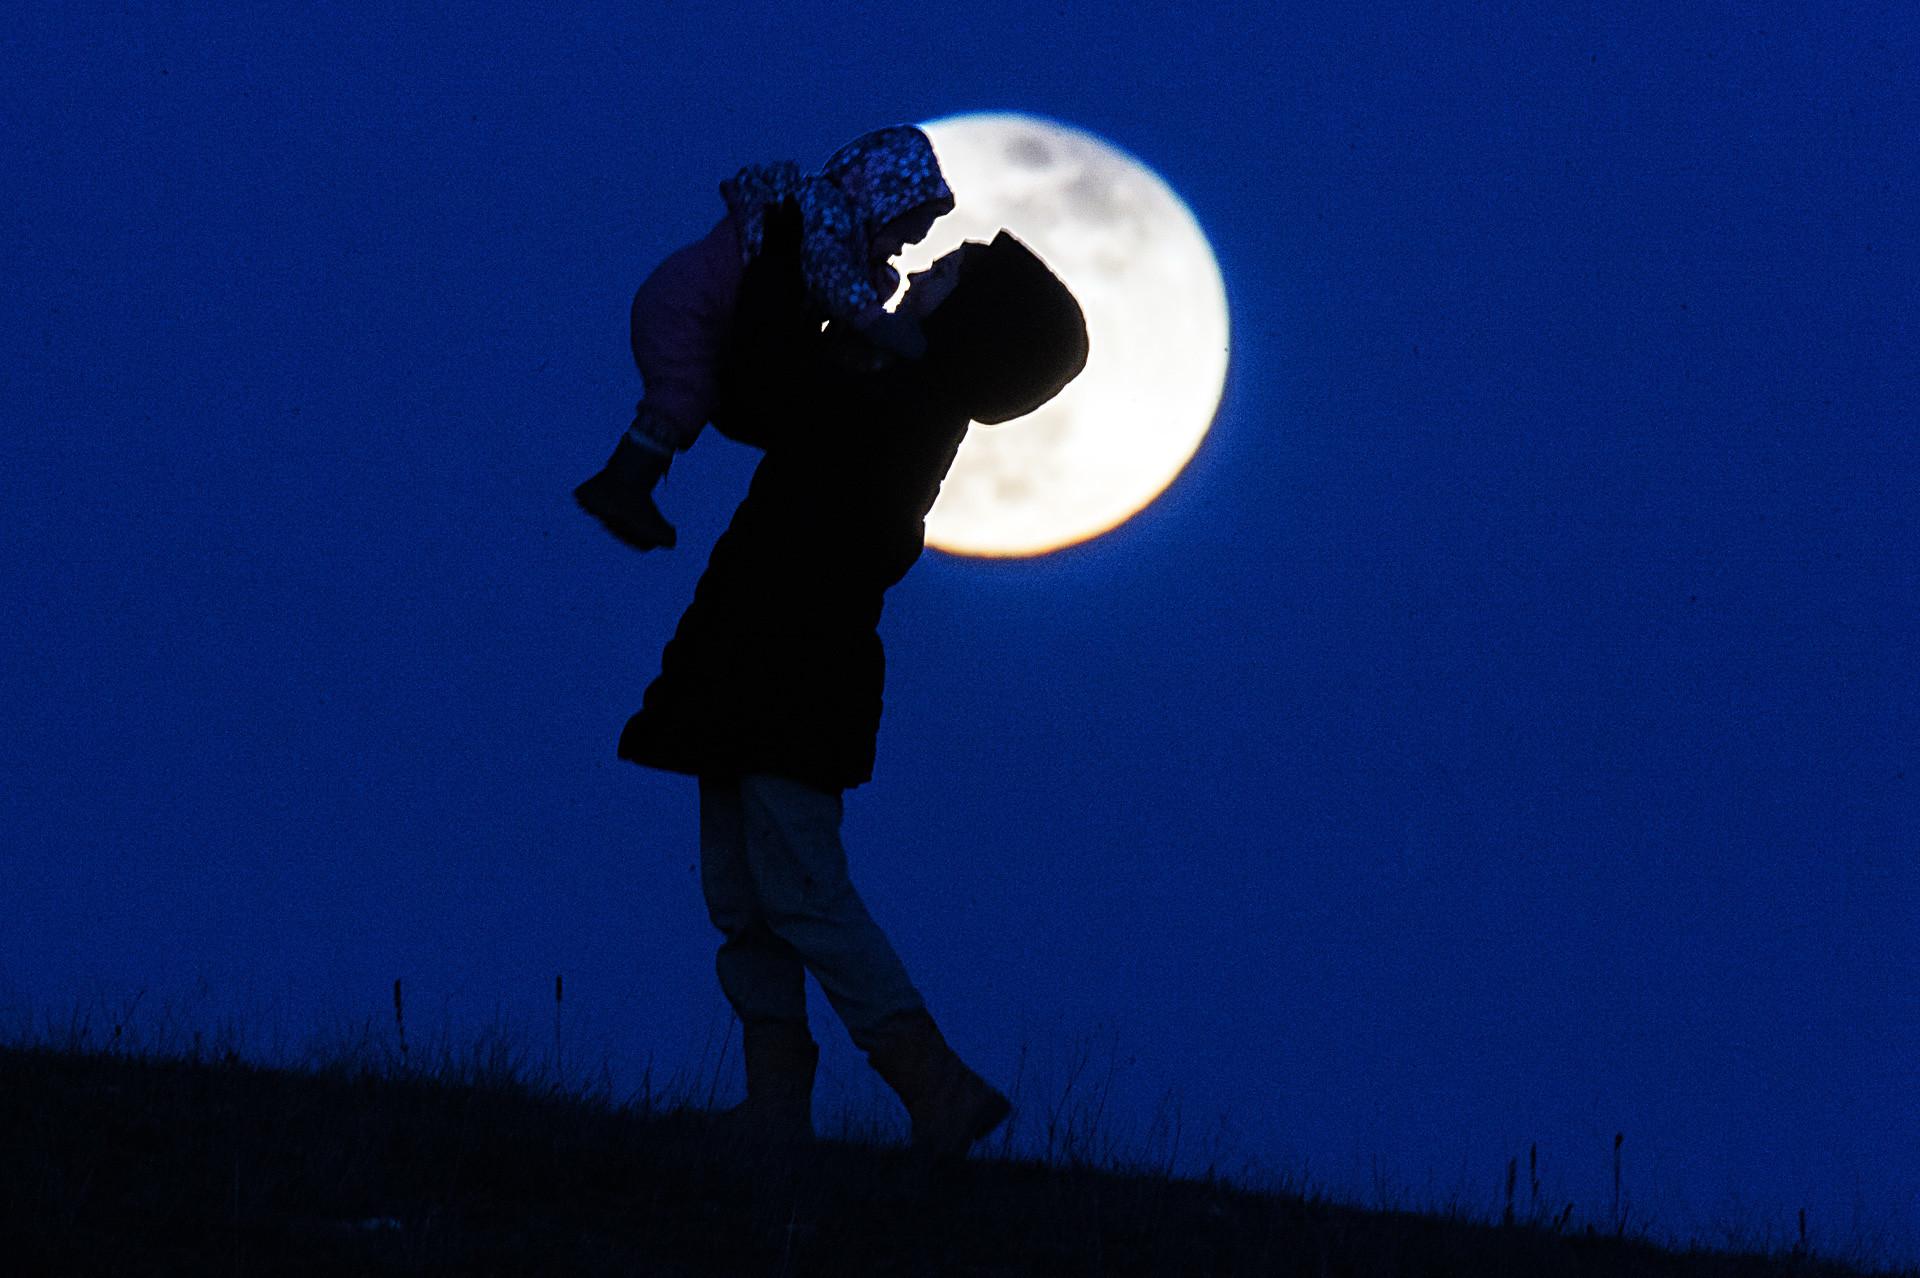 Une jeune femme emmène son enfant pour une promenade nocturne à Simferopol, en Crimée.